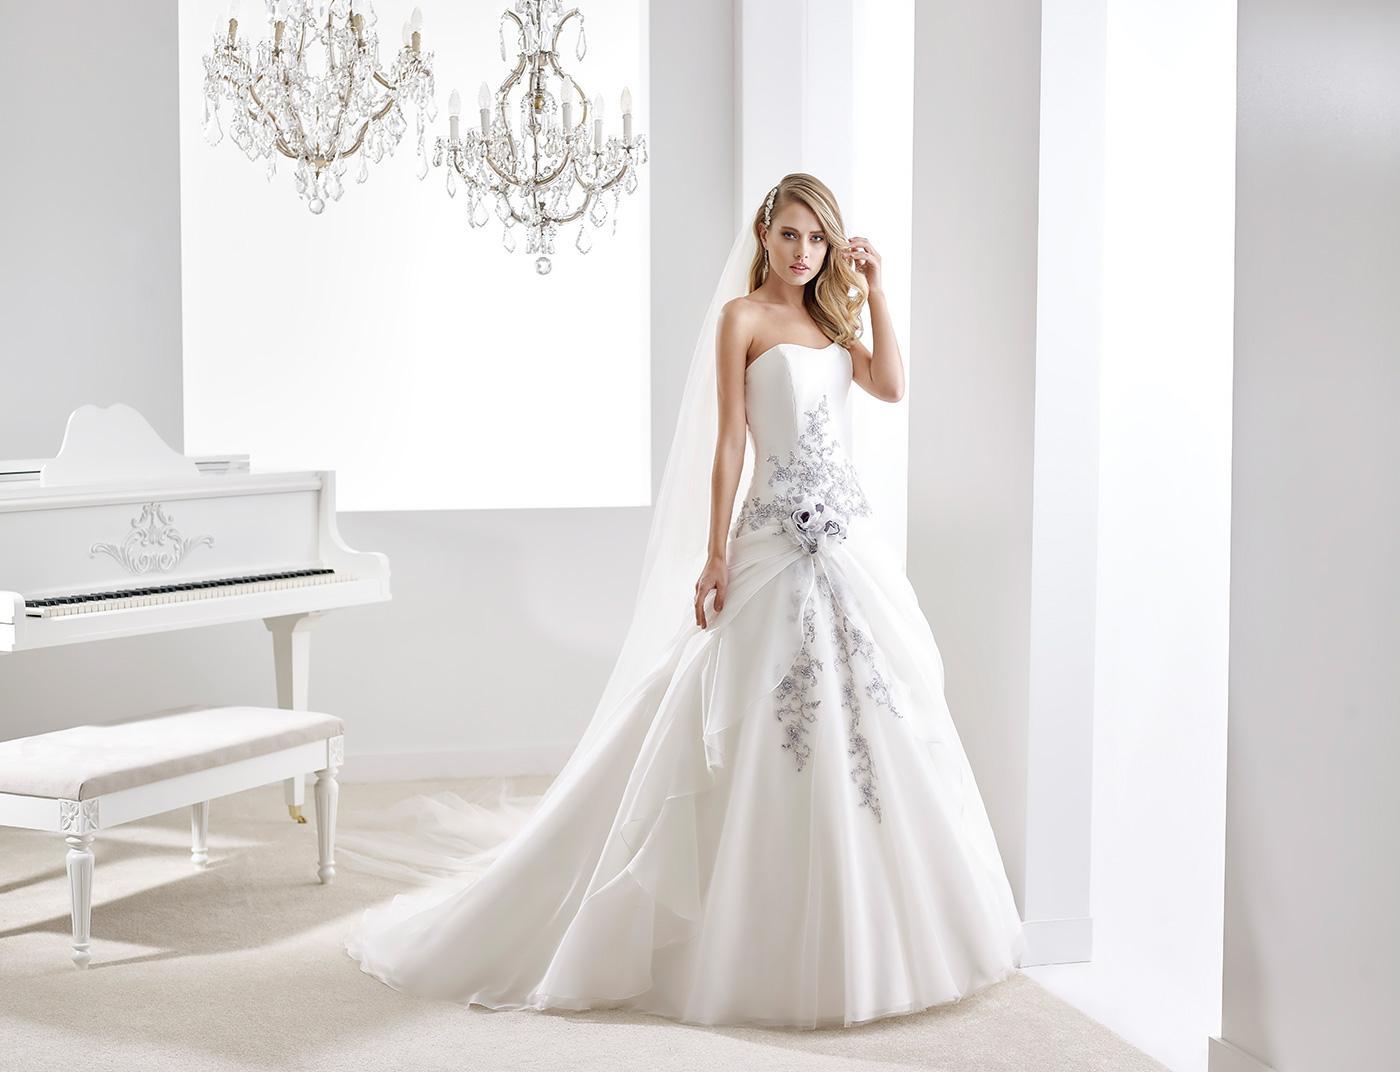 Abiti da sposa nicole jolies 2016